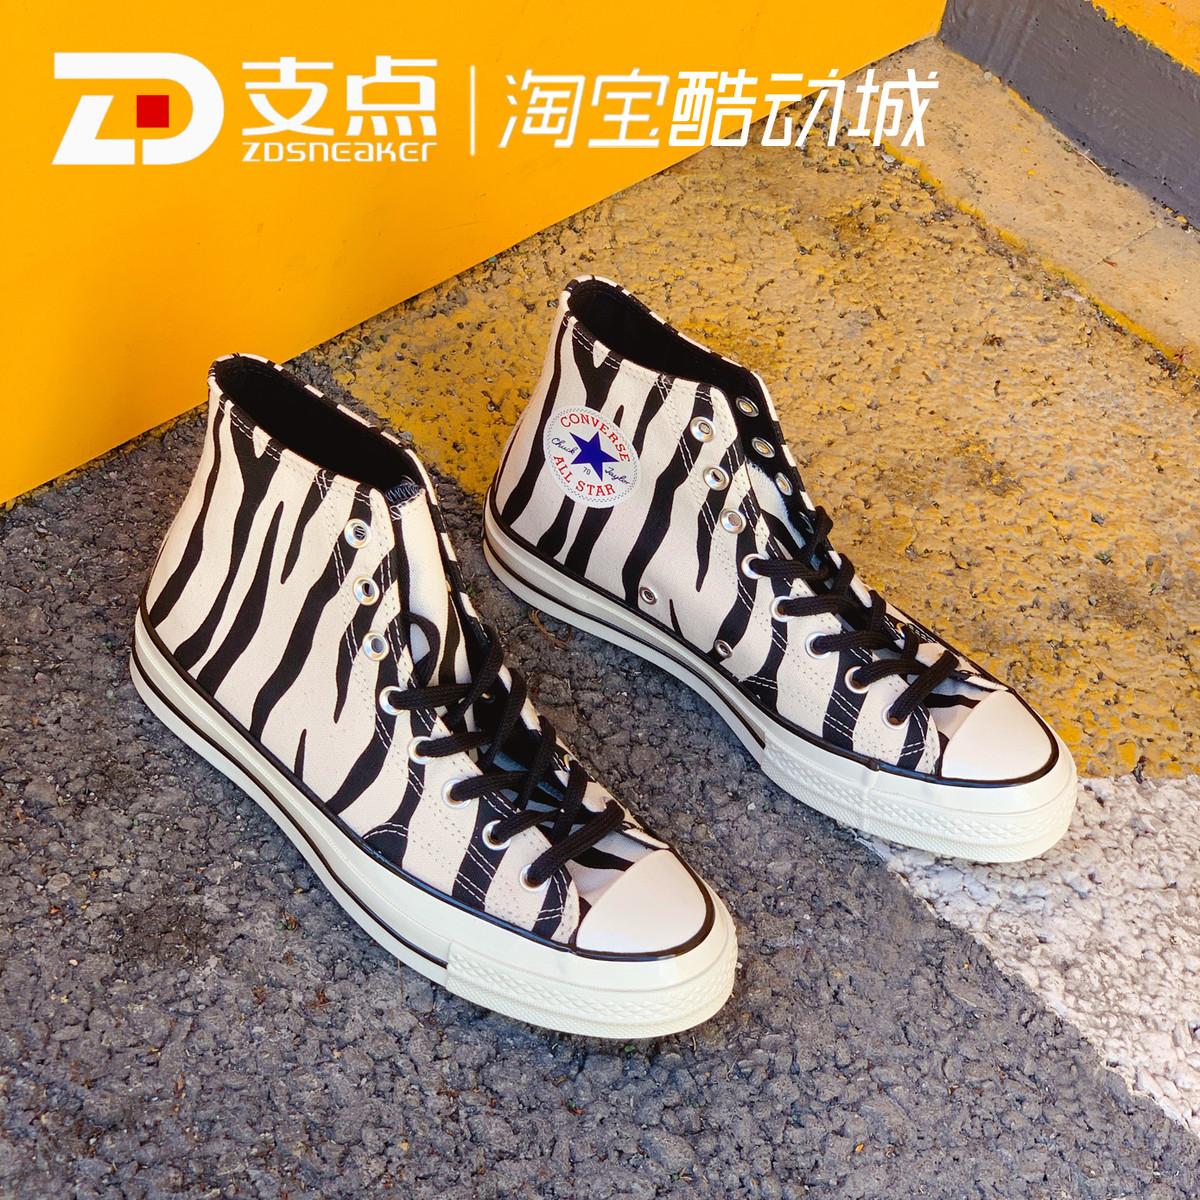 匡威Converse 三星标绒毛豹纹斑马纹限量高帮男女帆布鞋 163408C